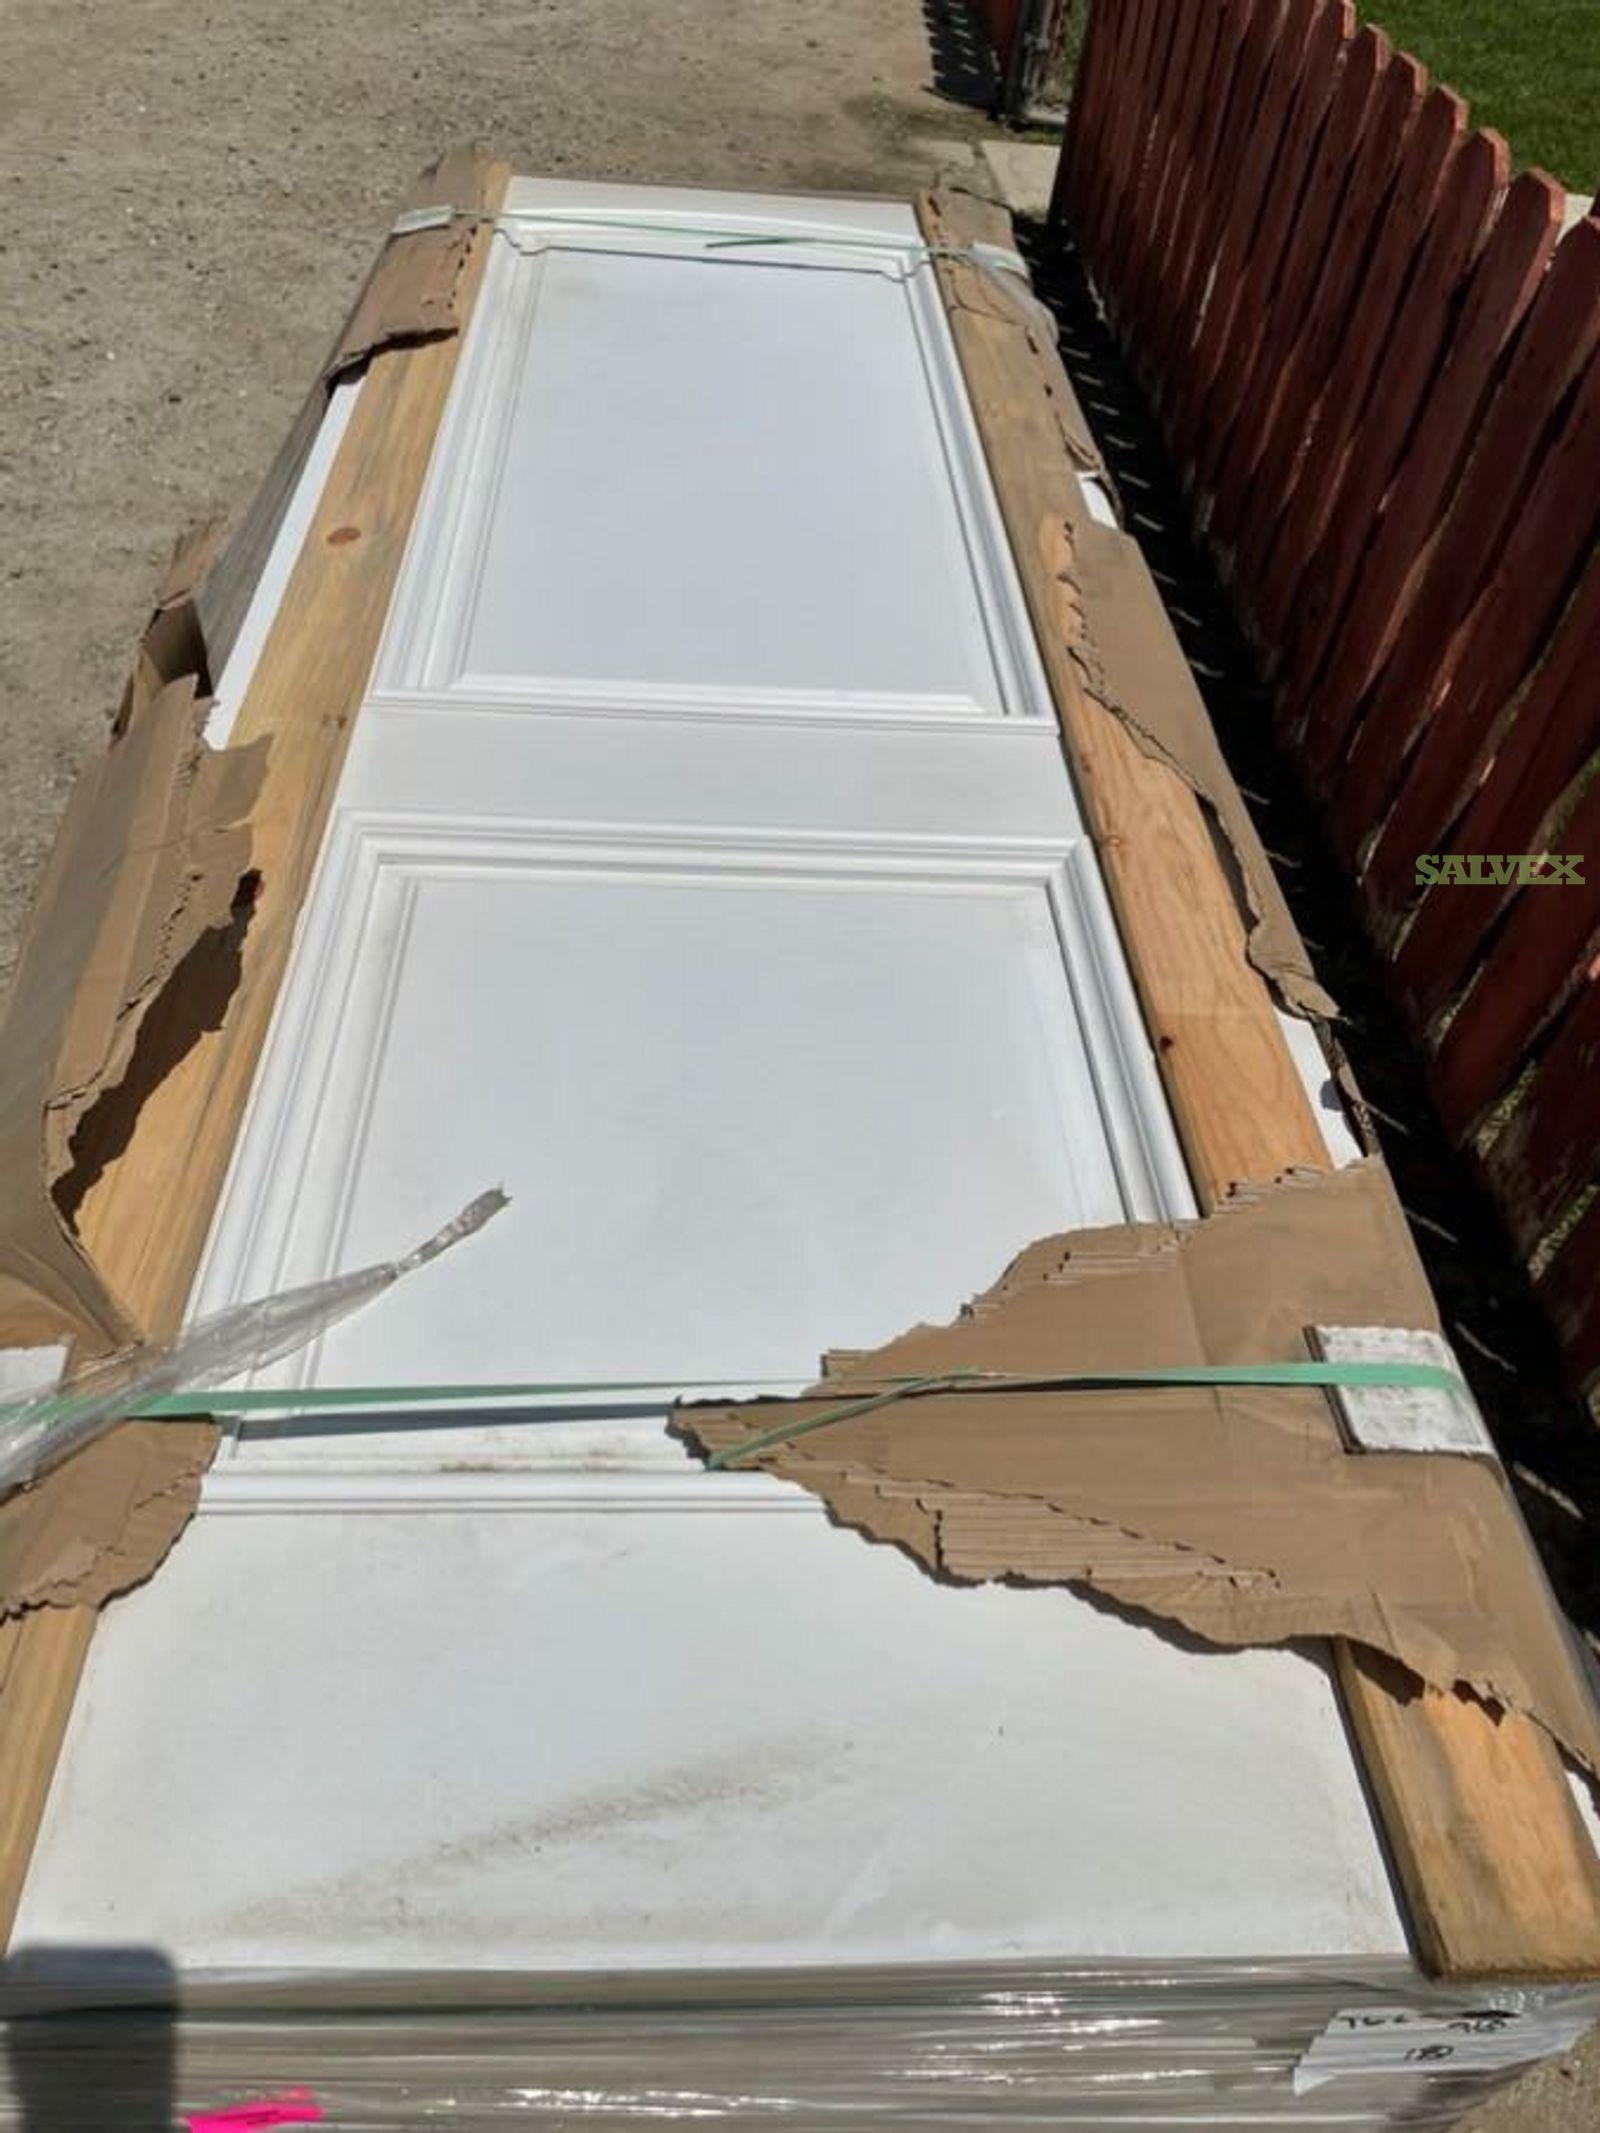 Raised Solid Panel Doors - 416 Units in Ca